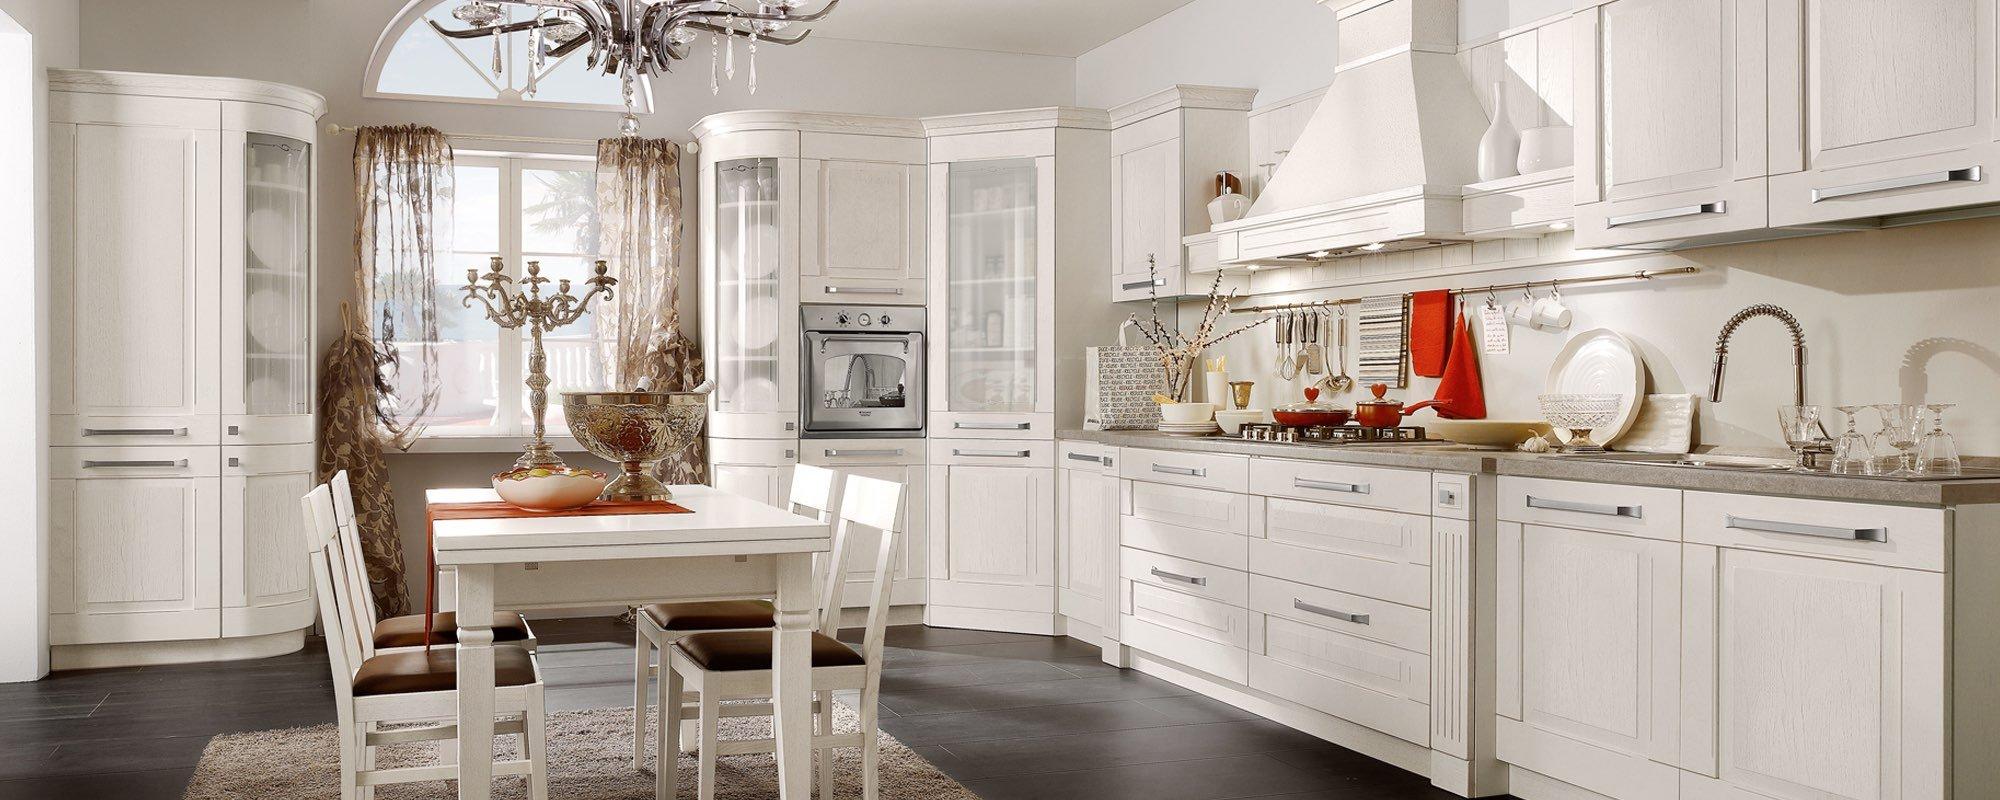 cucina bianca in stile stosa con tavolo e sedie e arredamento -AIDA